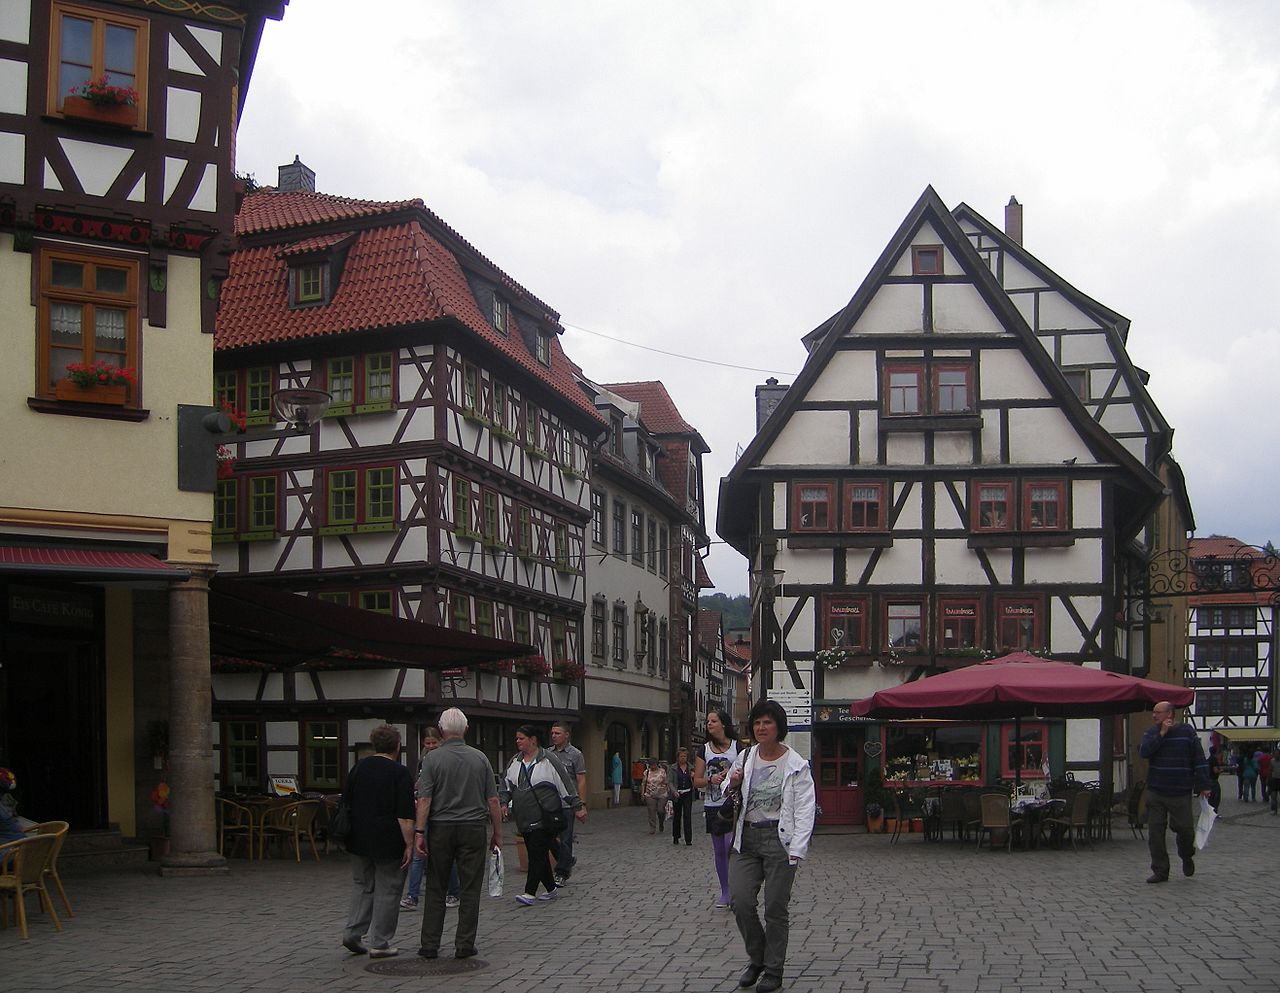 Altmarkt Schmalkalden.jpg